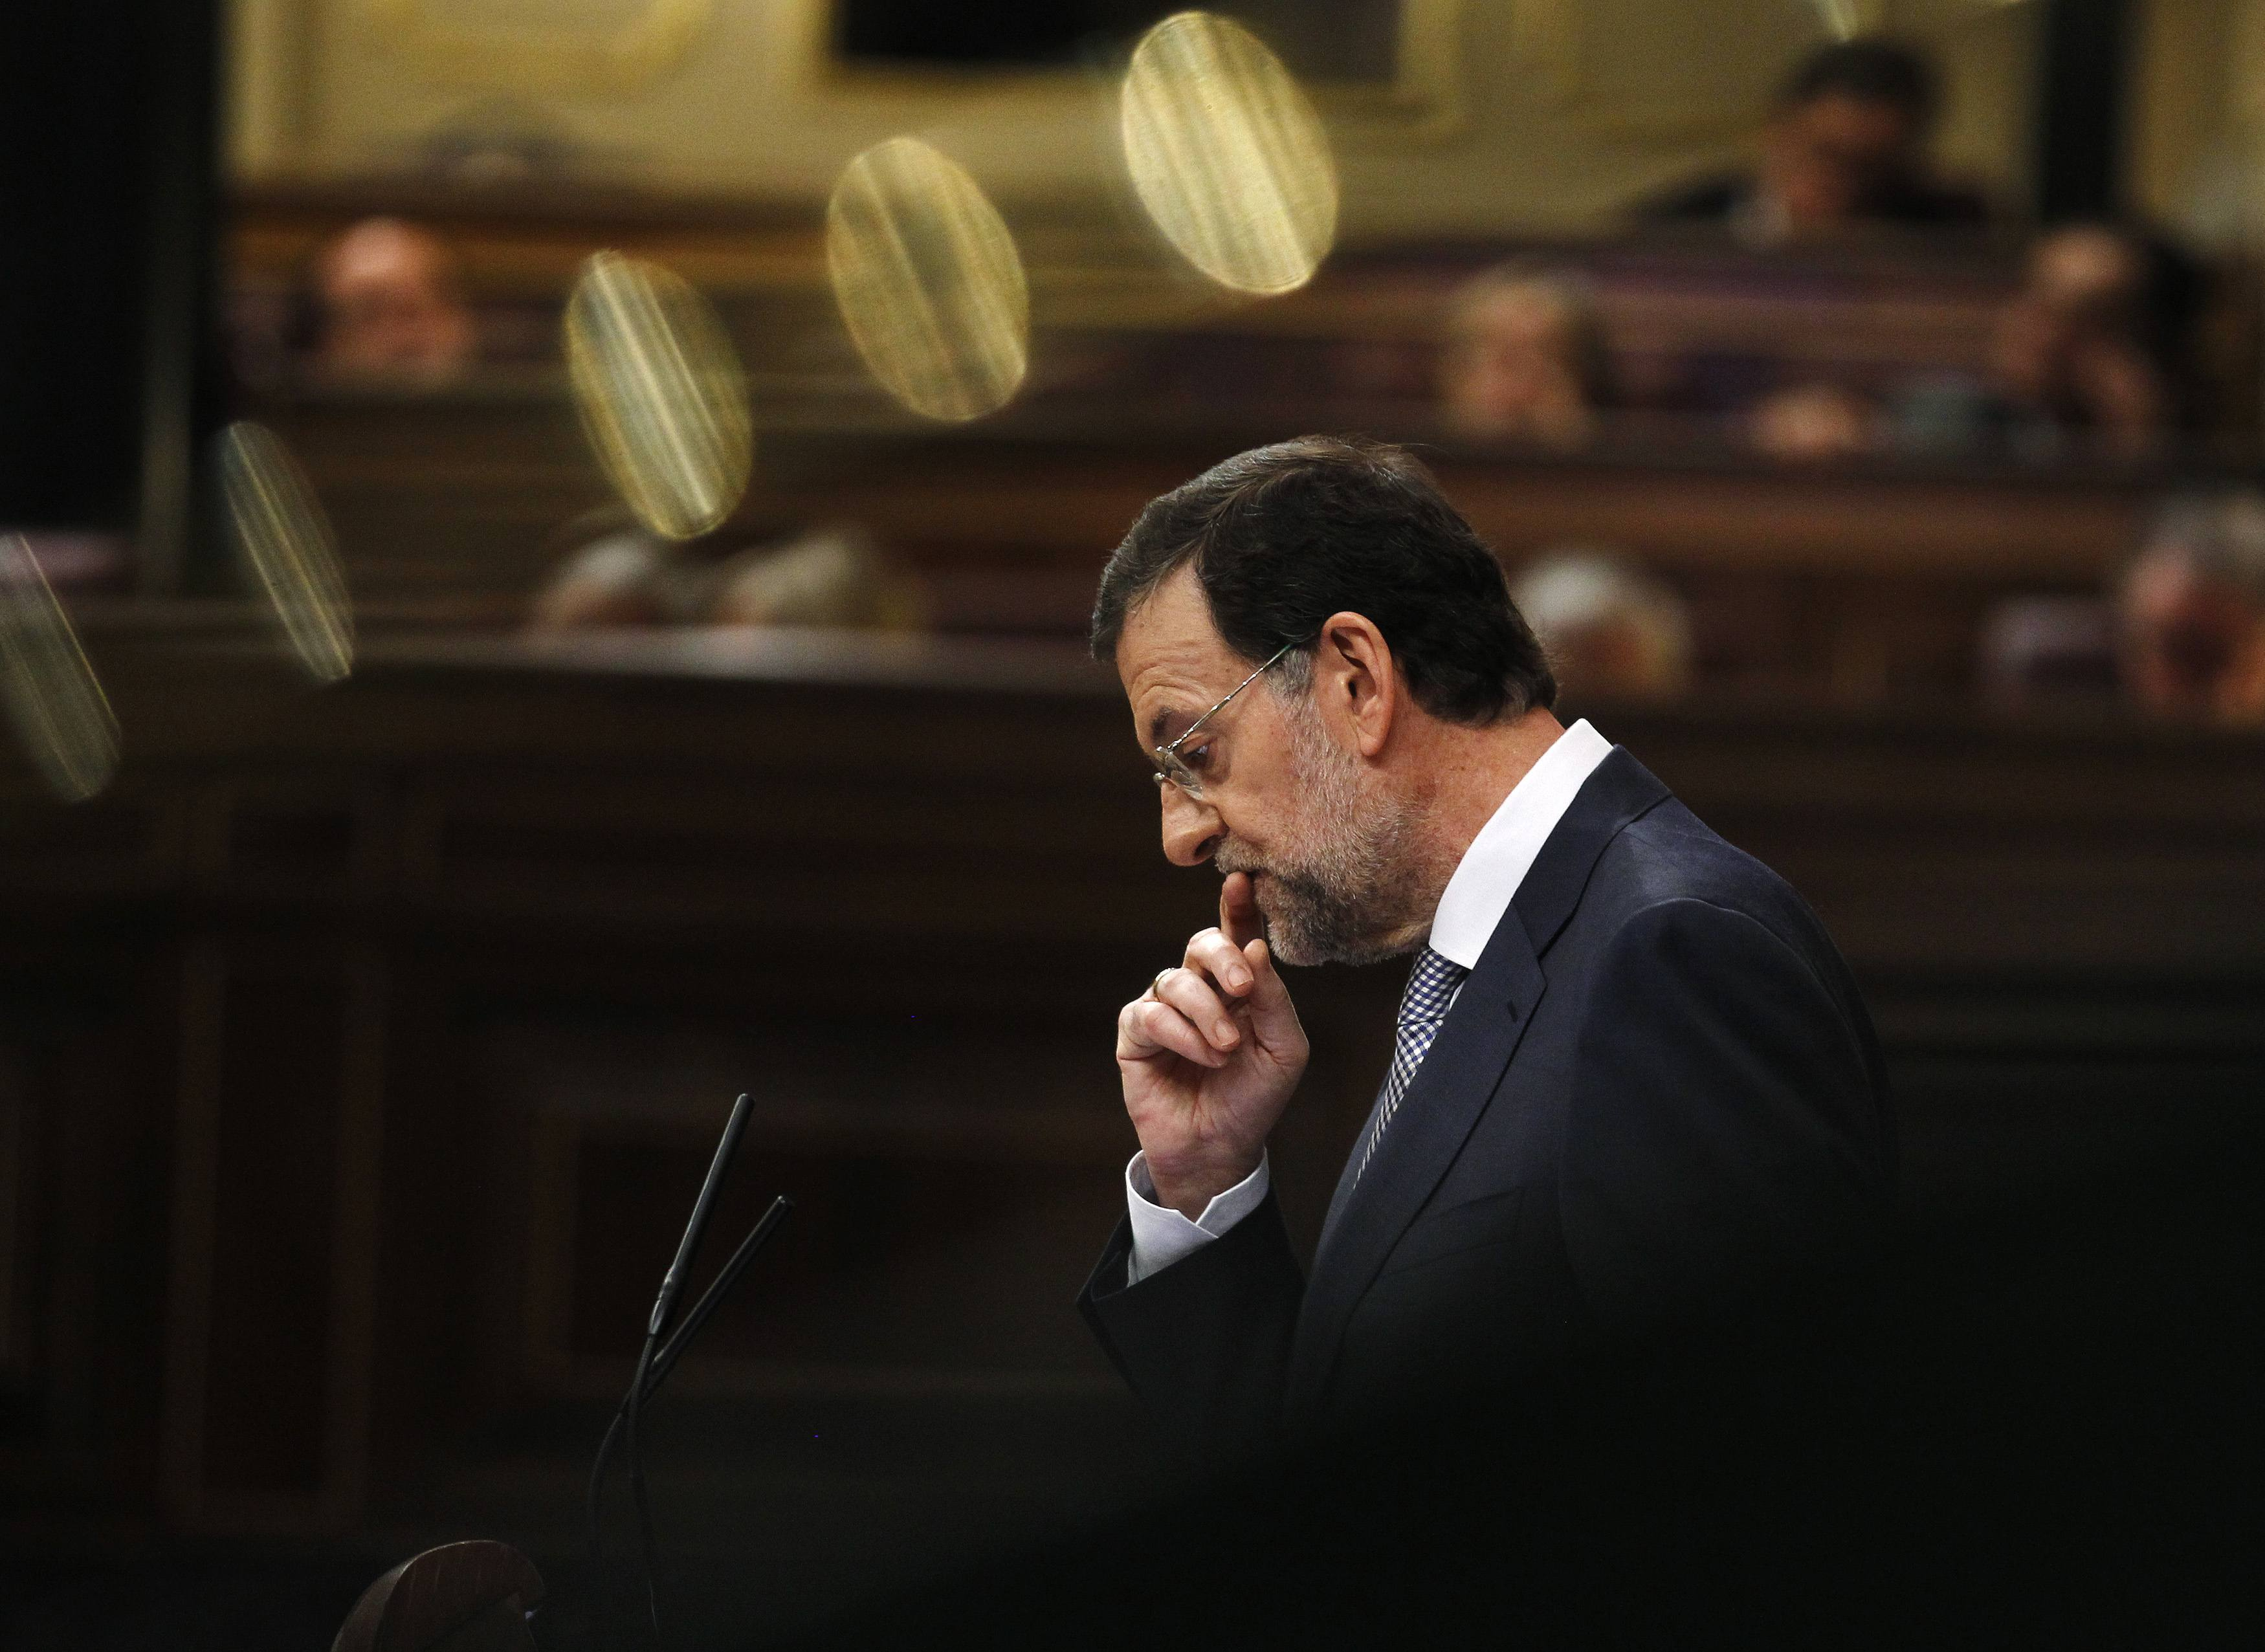 Ισπανία όπως Ελλάδα: Σύνταξη στα 67